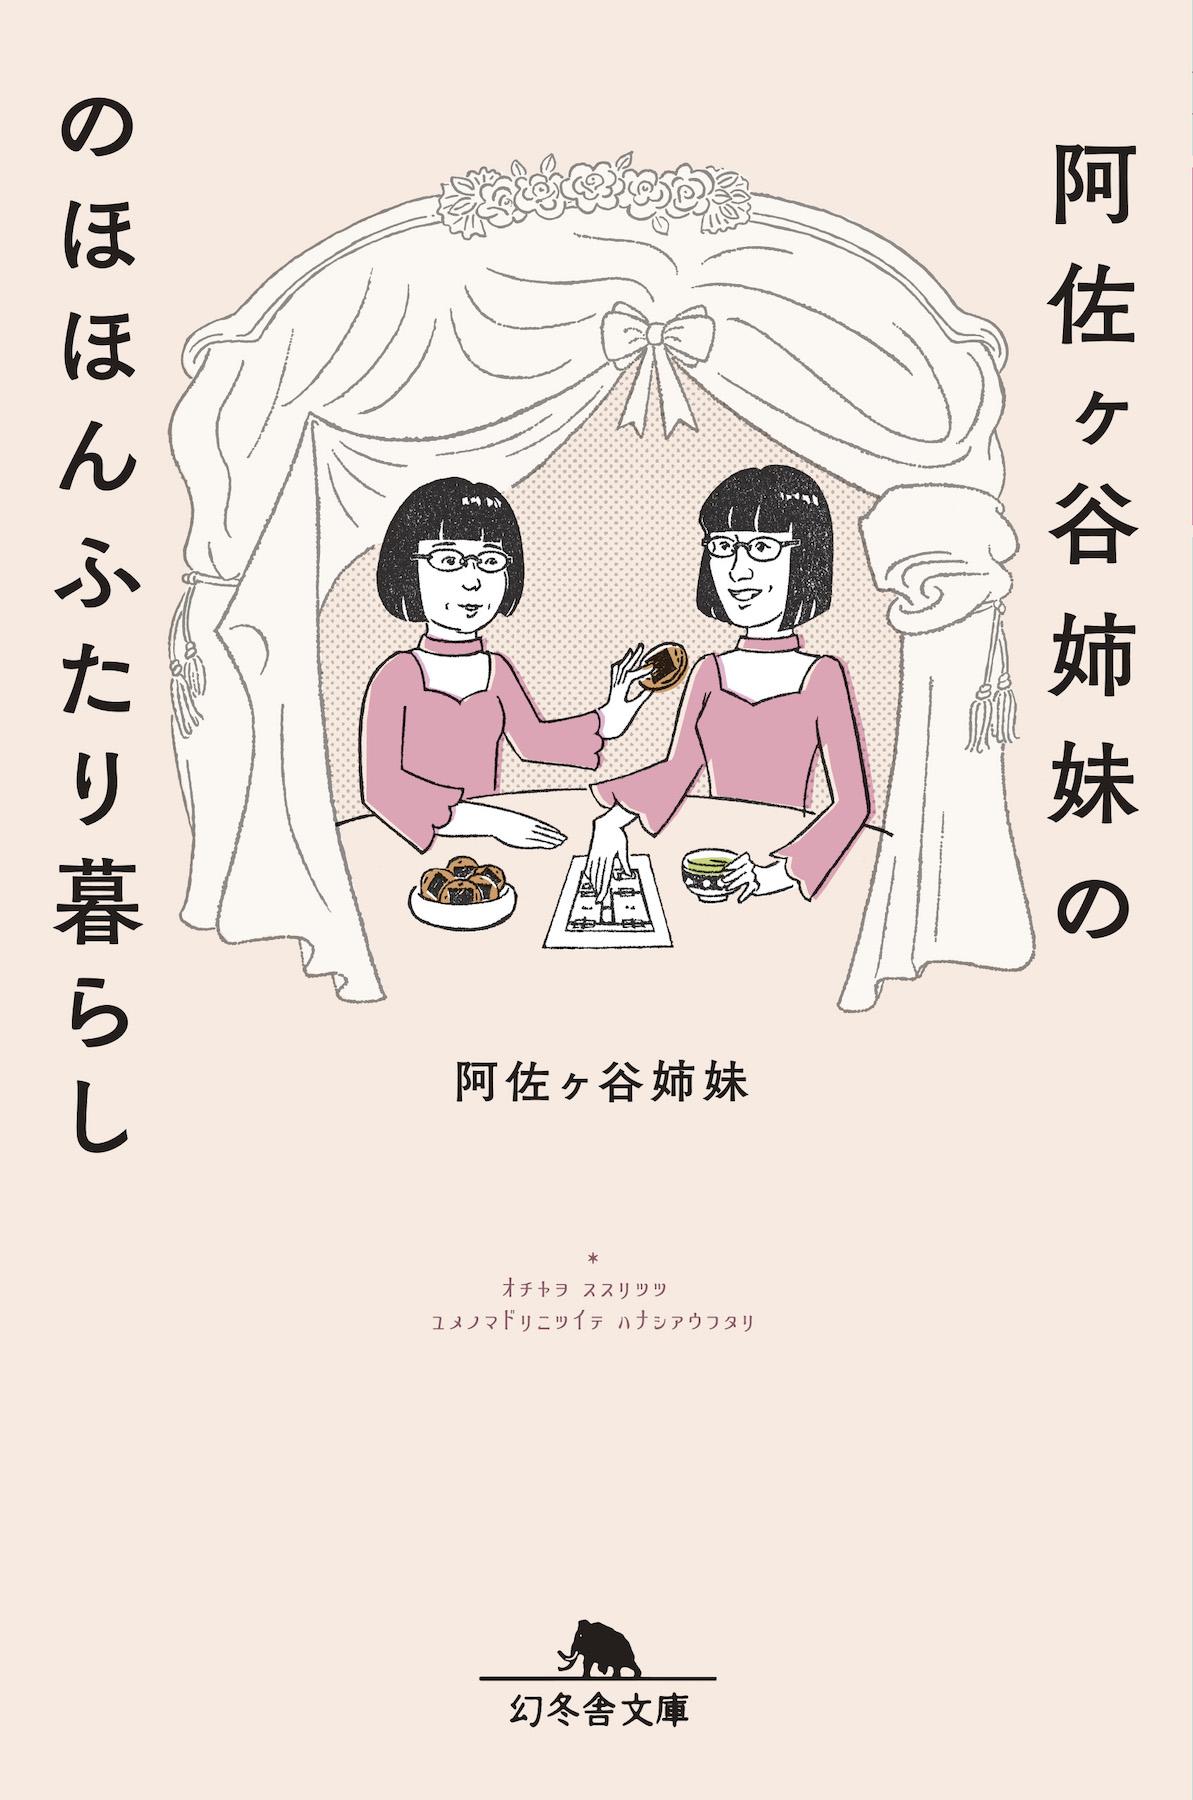 『阿佐ヶ谷姉妹ののほほんふたり暮らし』書影